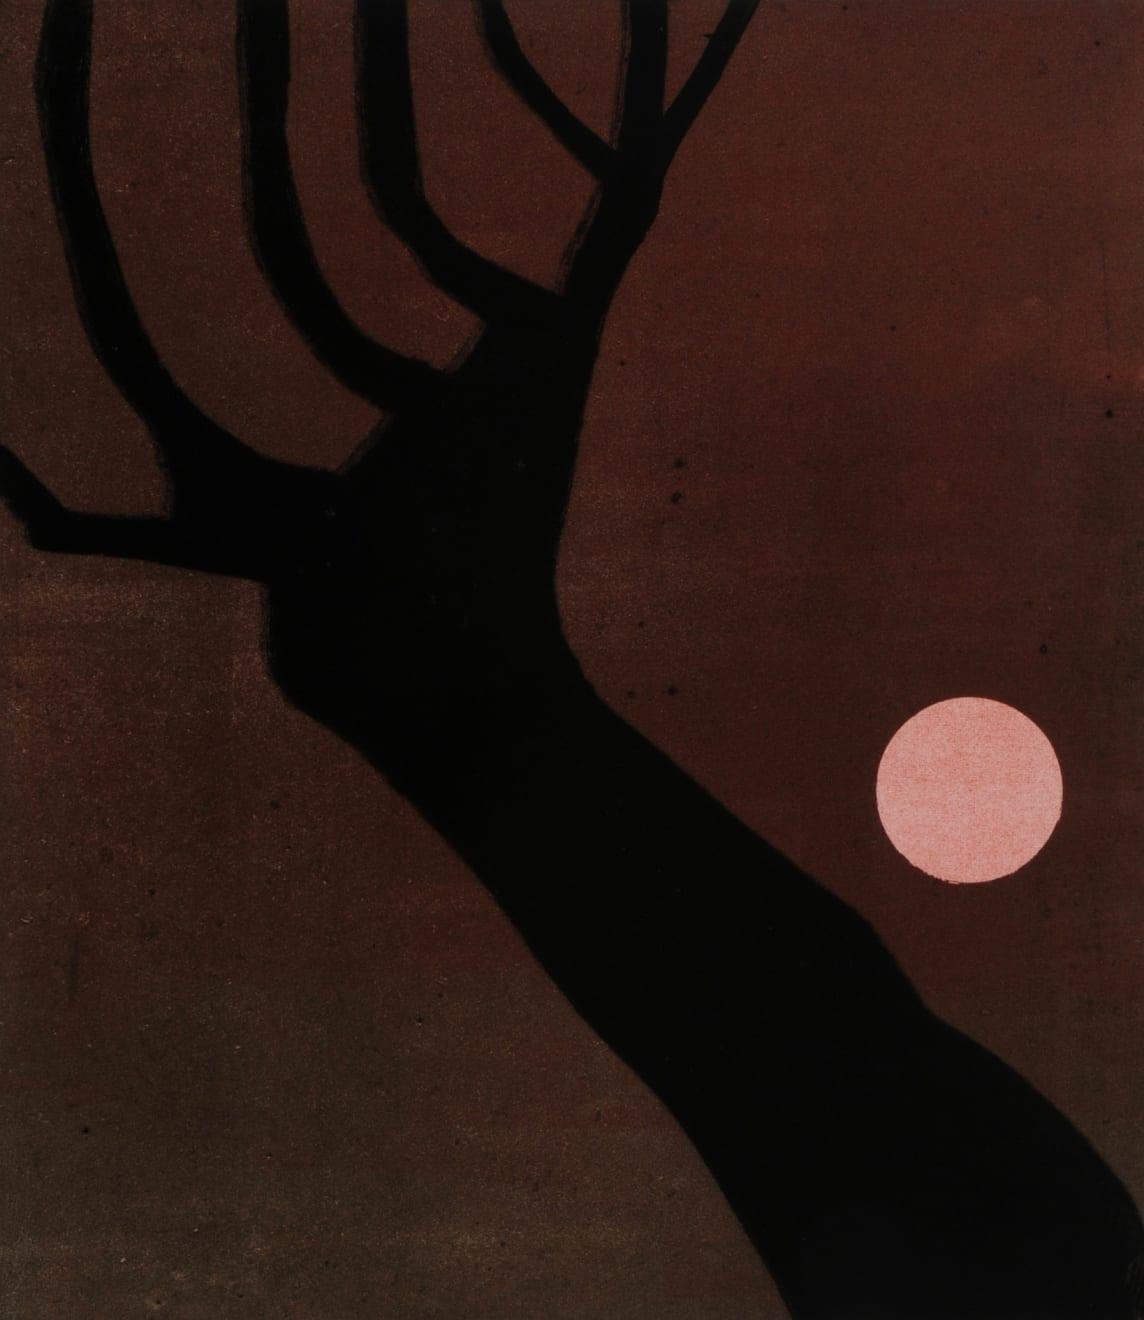 Nigel Swift, Pink Moon, 2019